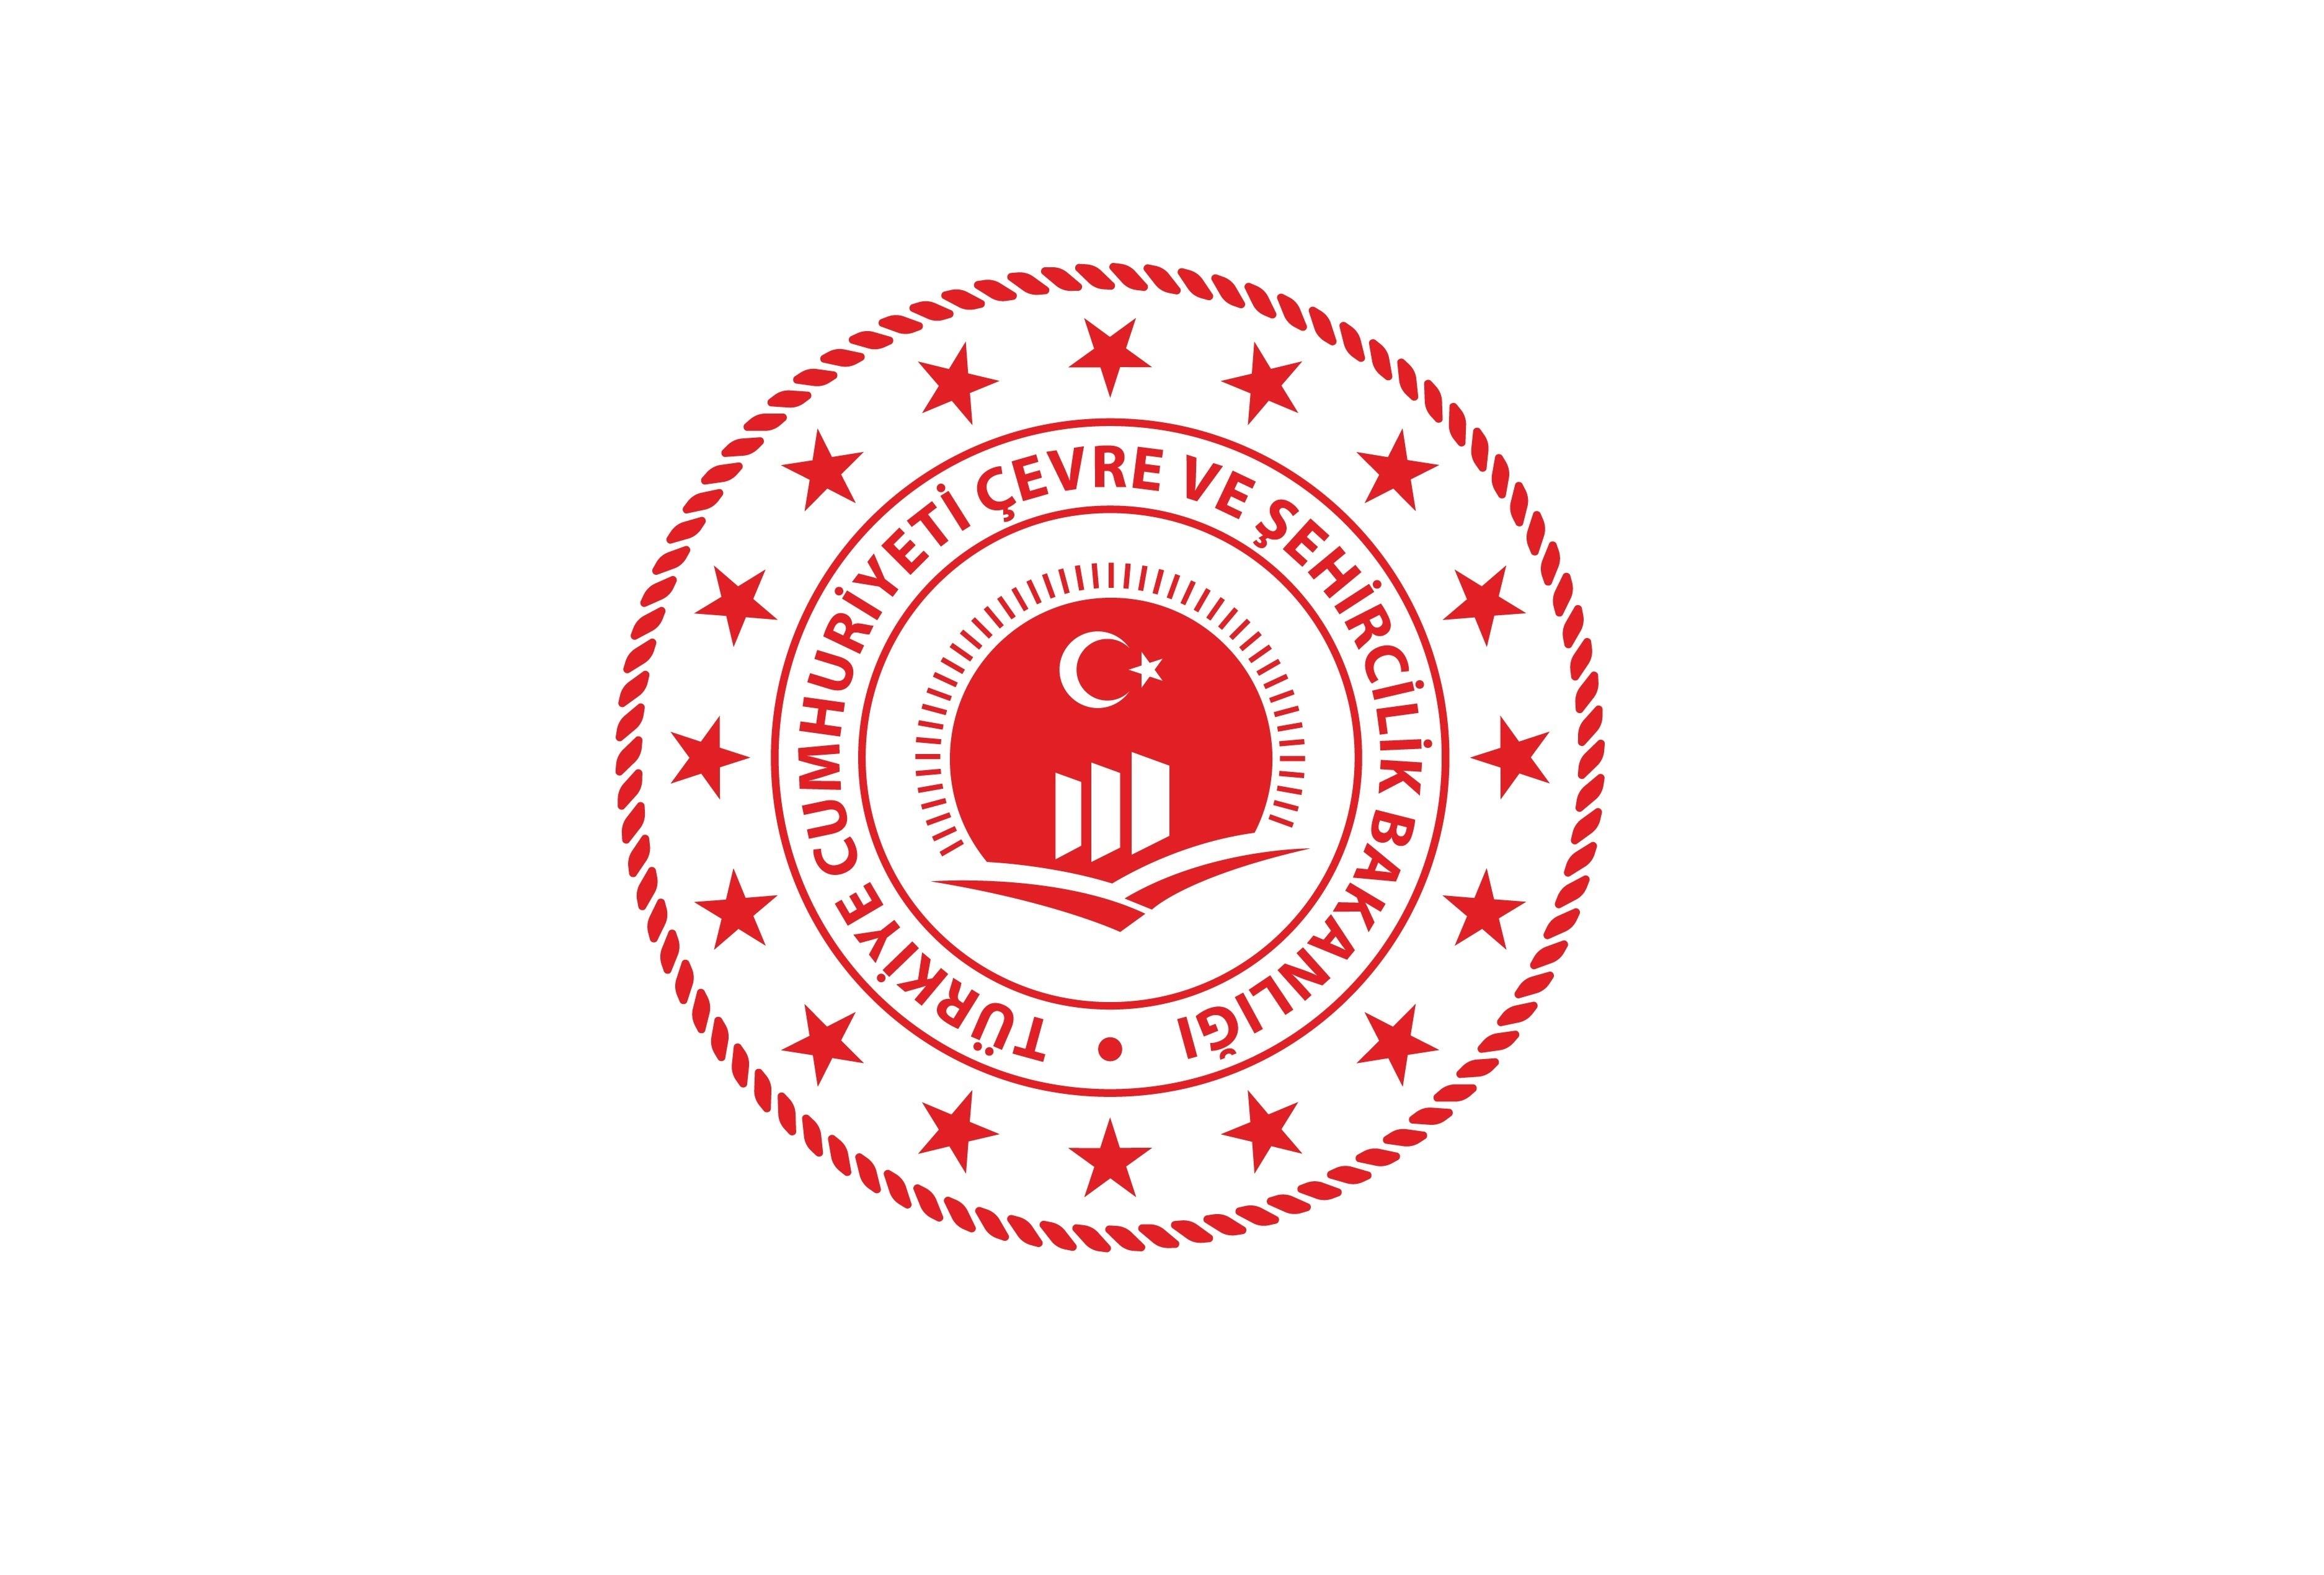 Bakanlığımız Taşra Teşkilatında Görev Yapan Milli Emlak Uzman Yardımcılarının, Milli Emlak Uzmanlığına Atamaları Gerçekleştirilmiştir